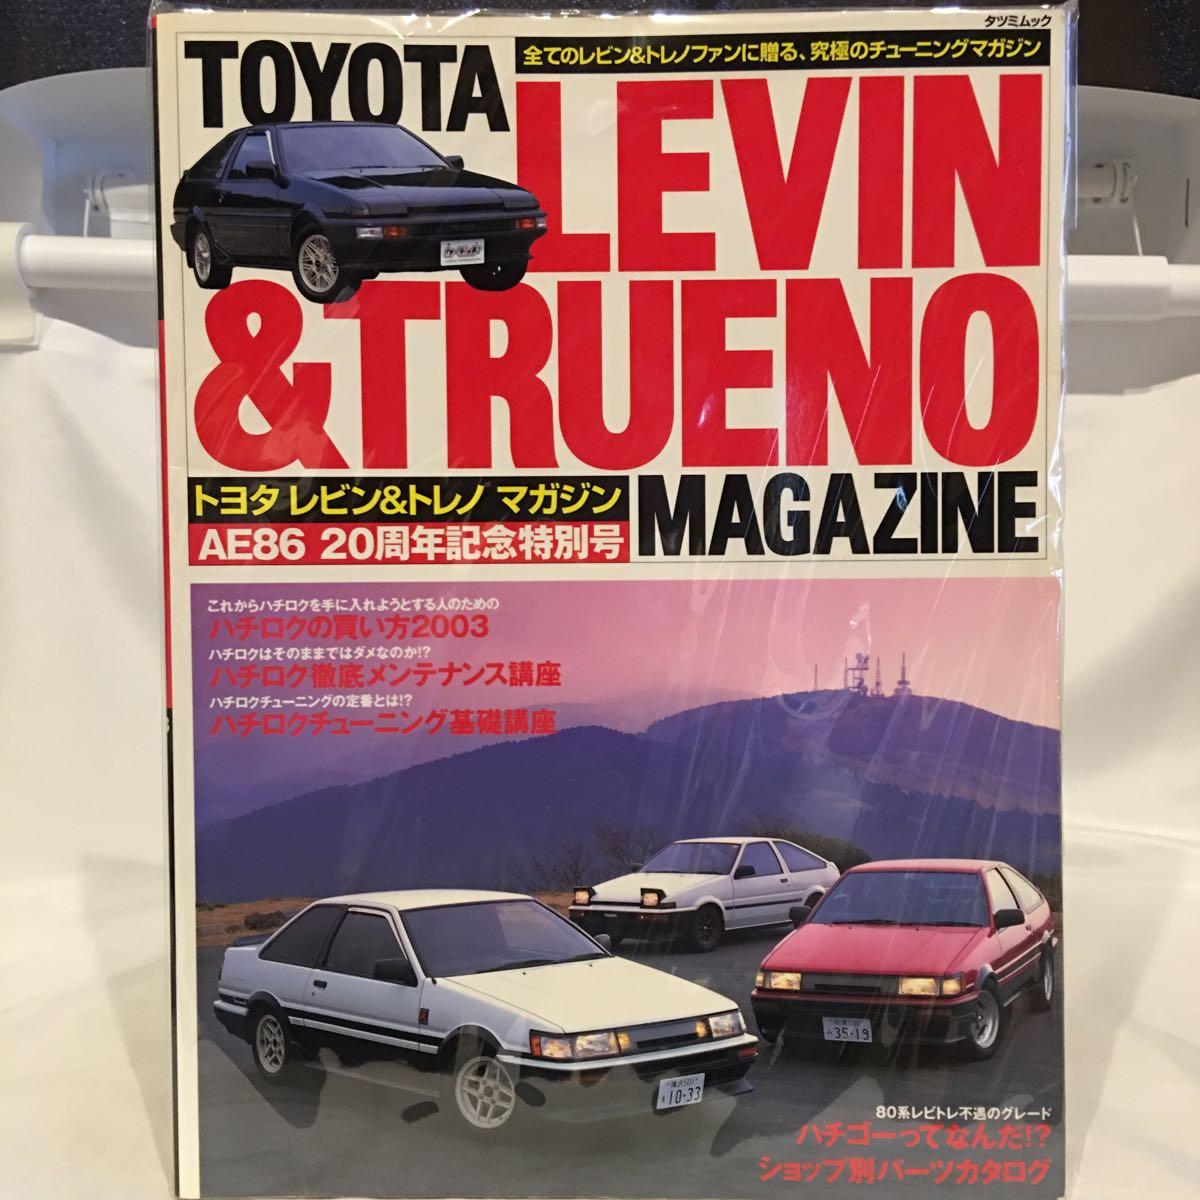 AE86 20周年記念特別号 トヨタ レビン&トレノ マガジン #13 AE86 ハチロクの買い方 メンテナンス チューニング 整備 本 旧車_画像1